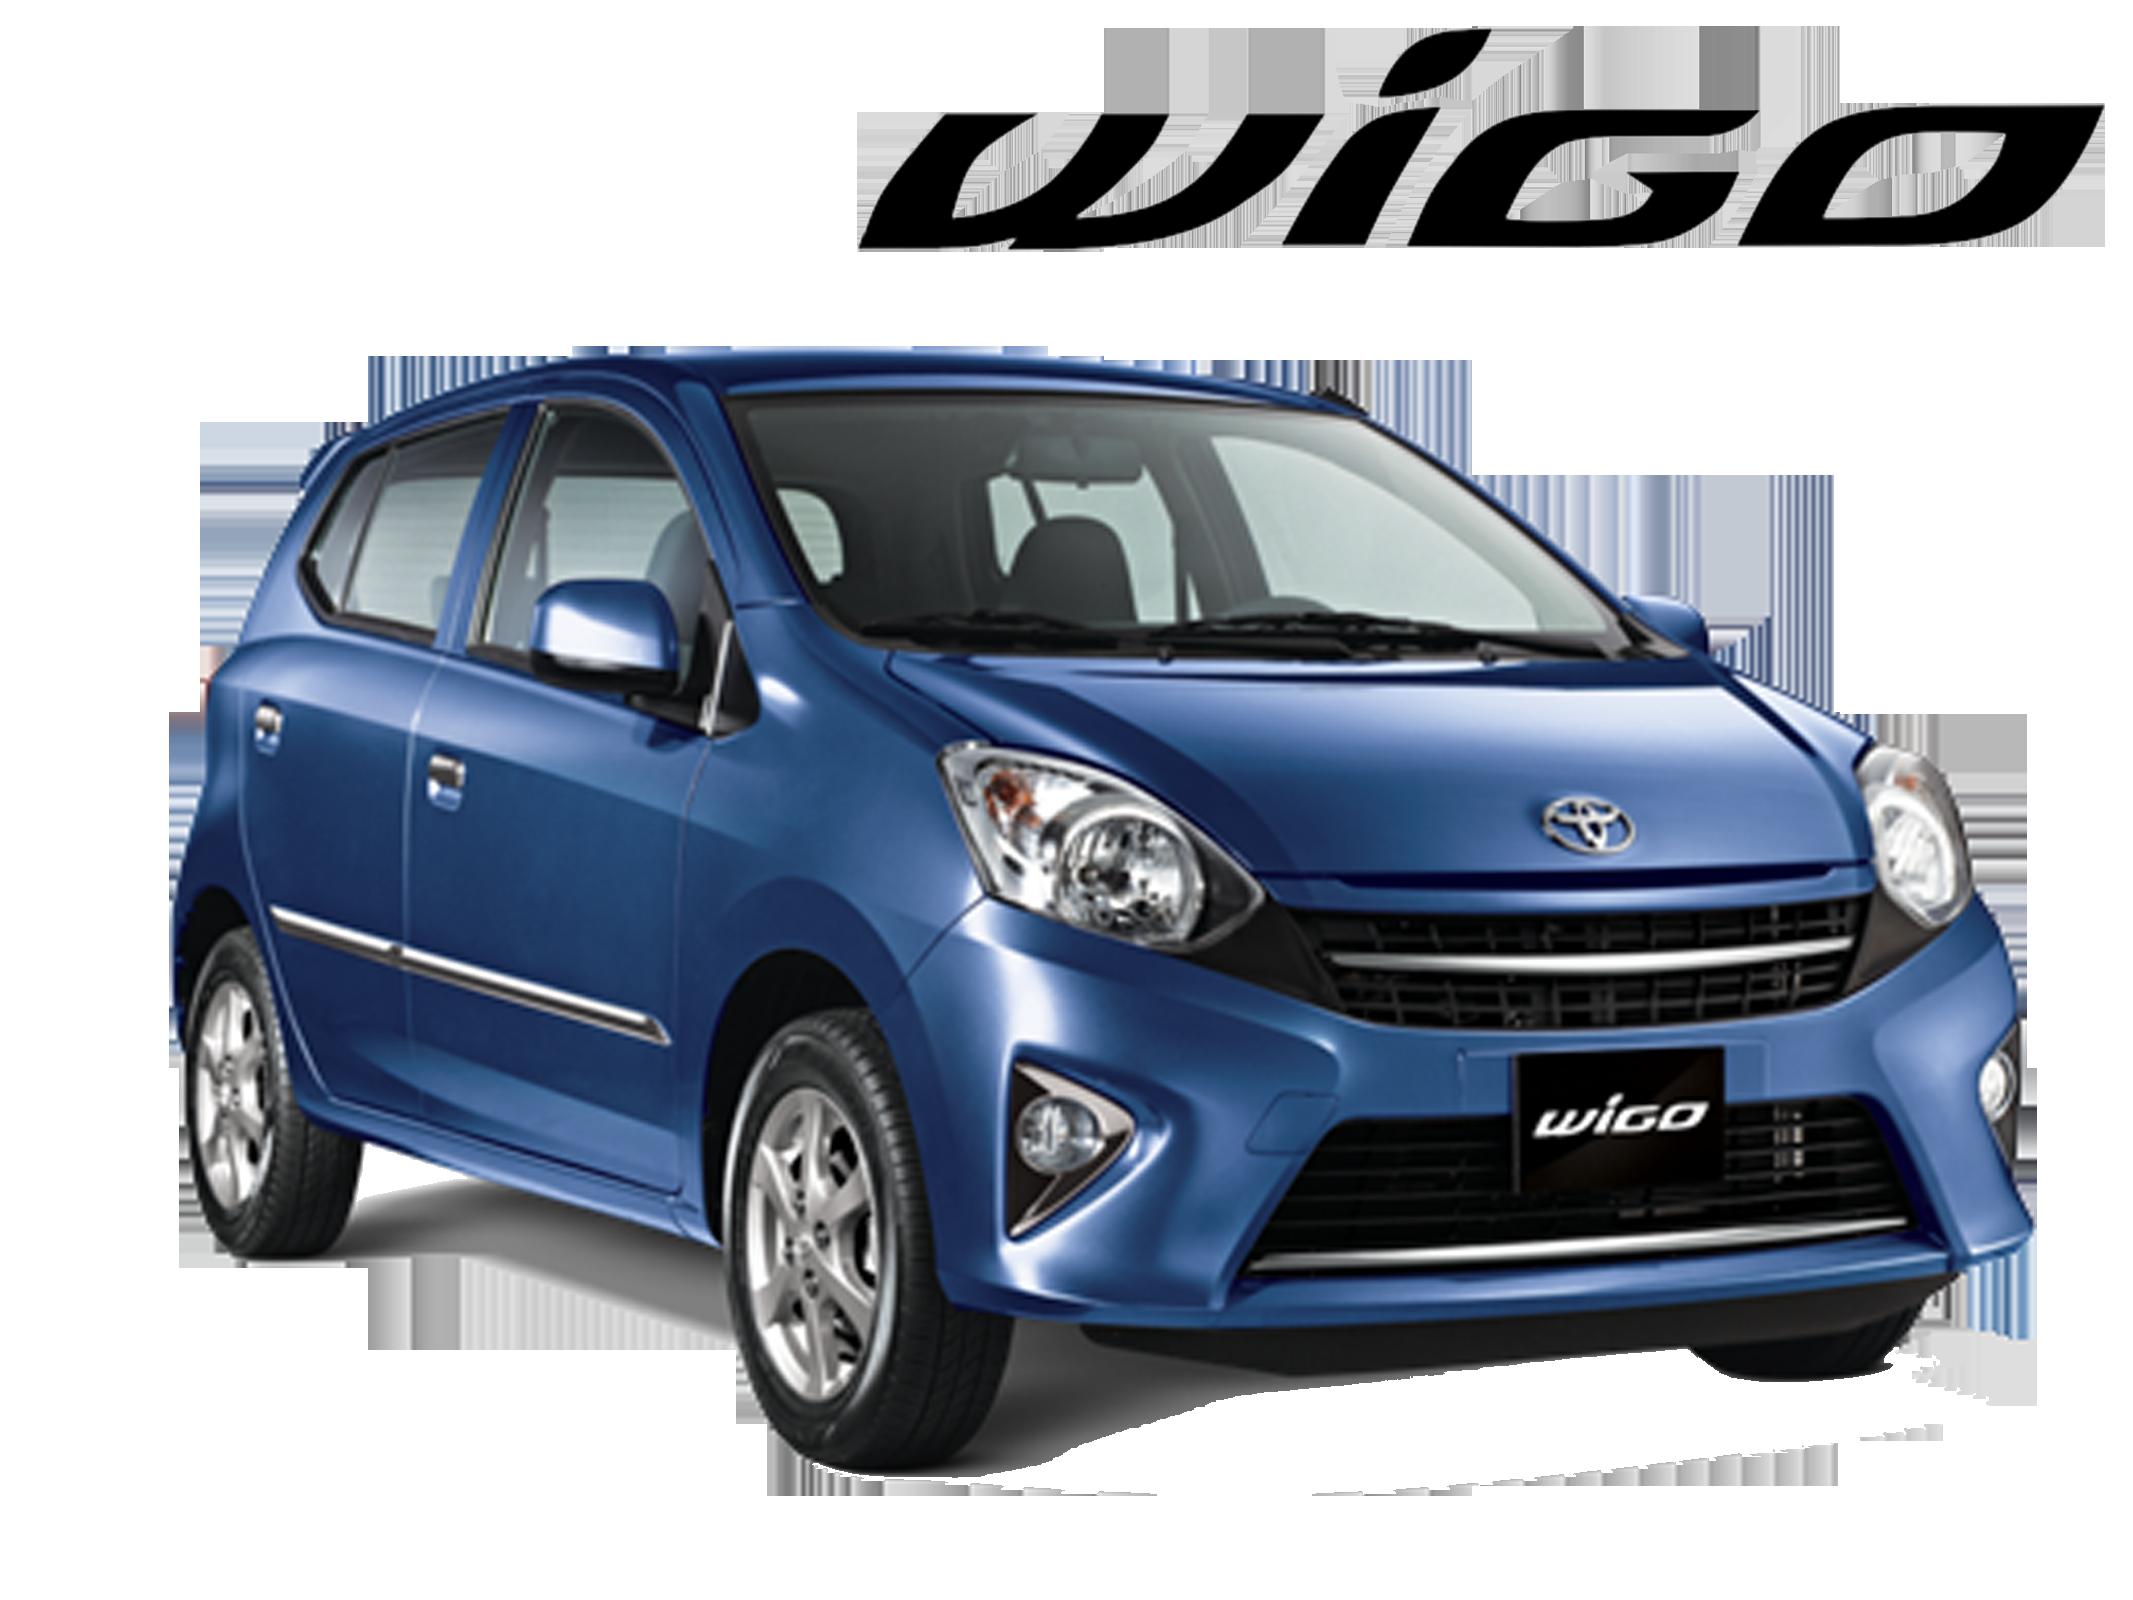 Bảng giá xe Toyota tại Việt Nam cập nhật tháng 11/2018